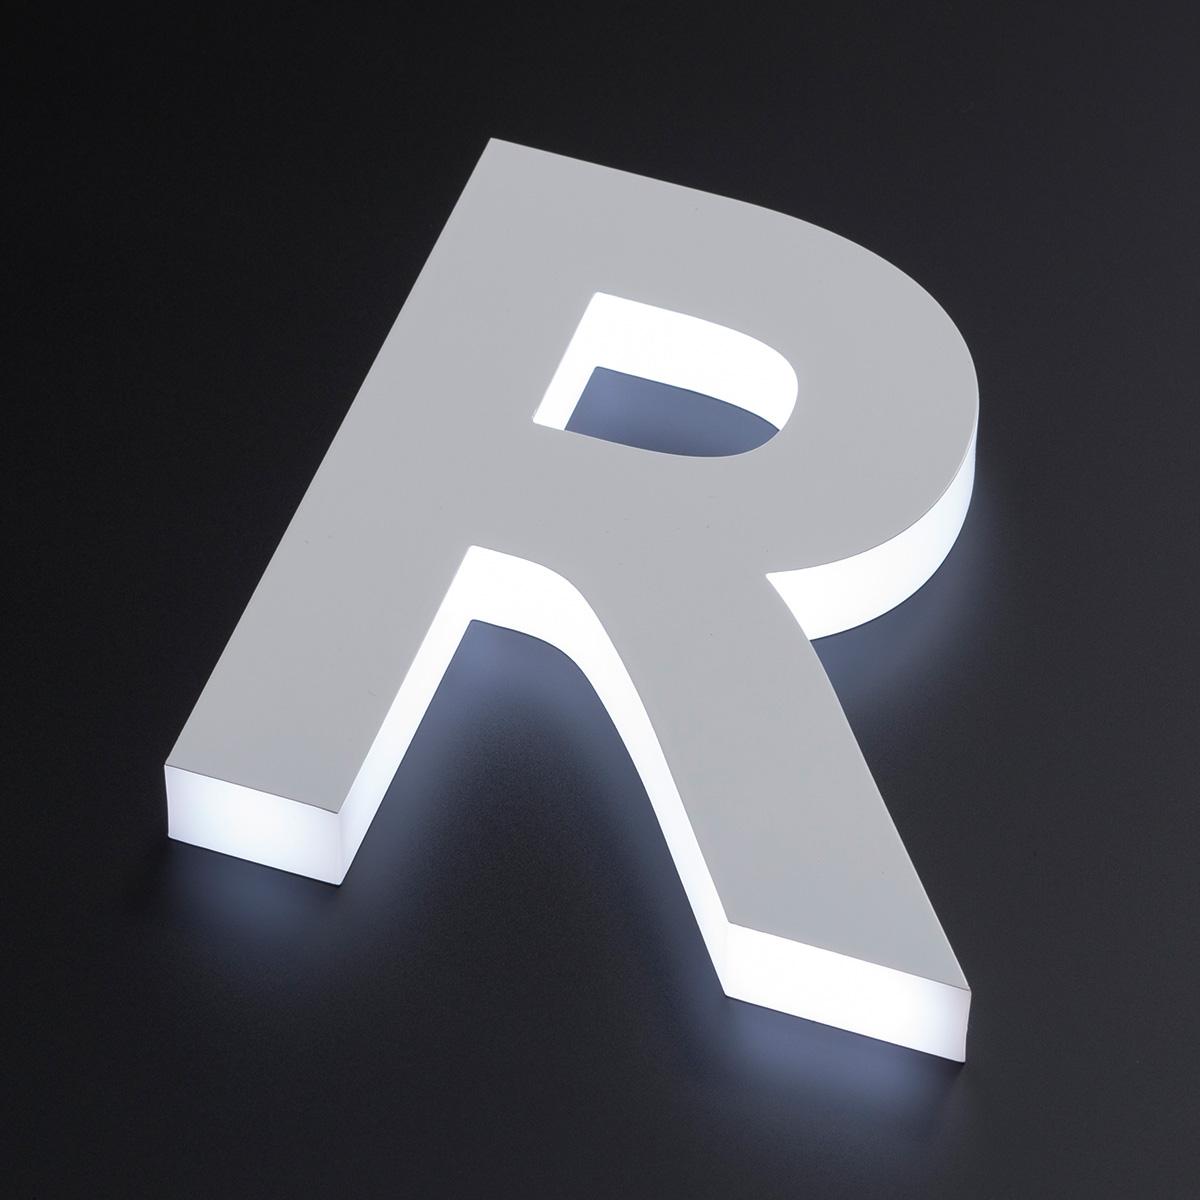 LEDサイン、LED看板のLEDIUS SIGN PRO SIDE